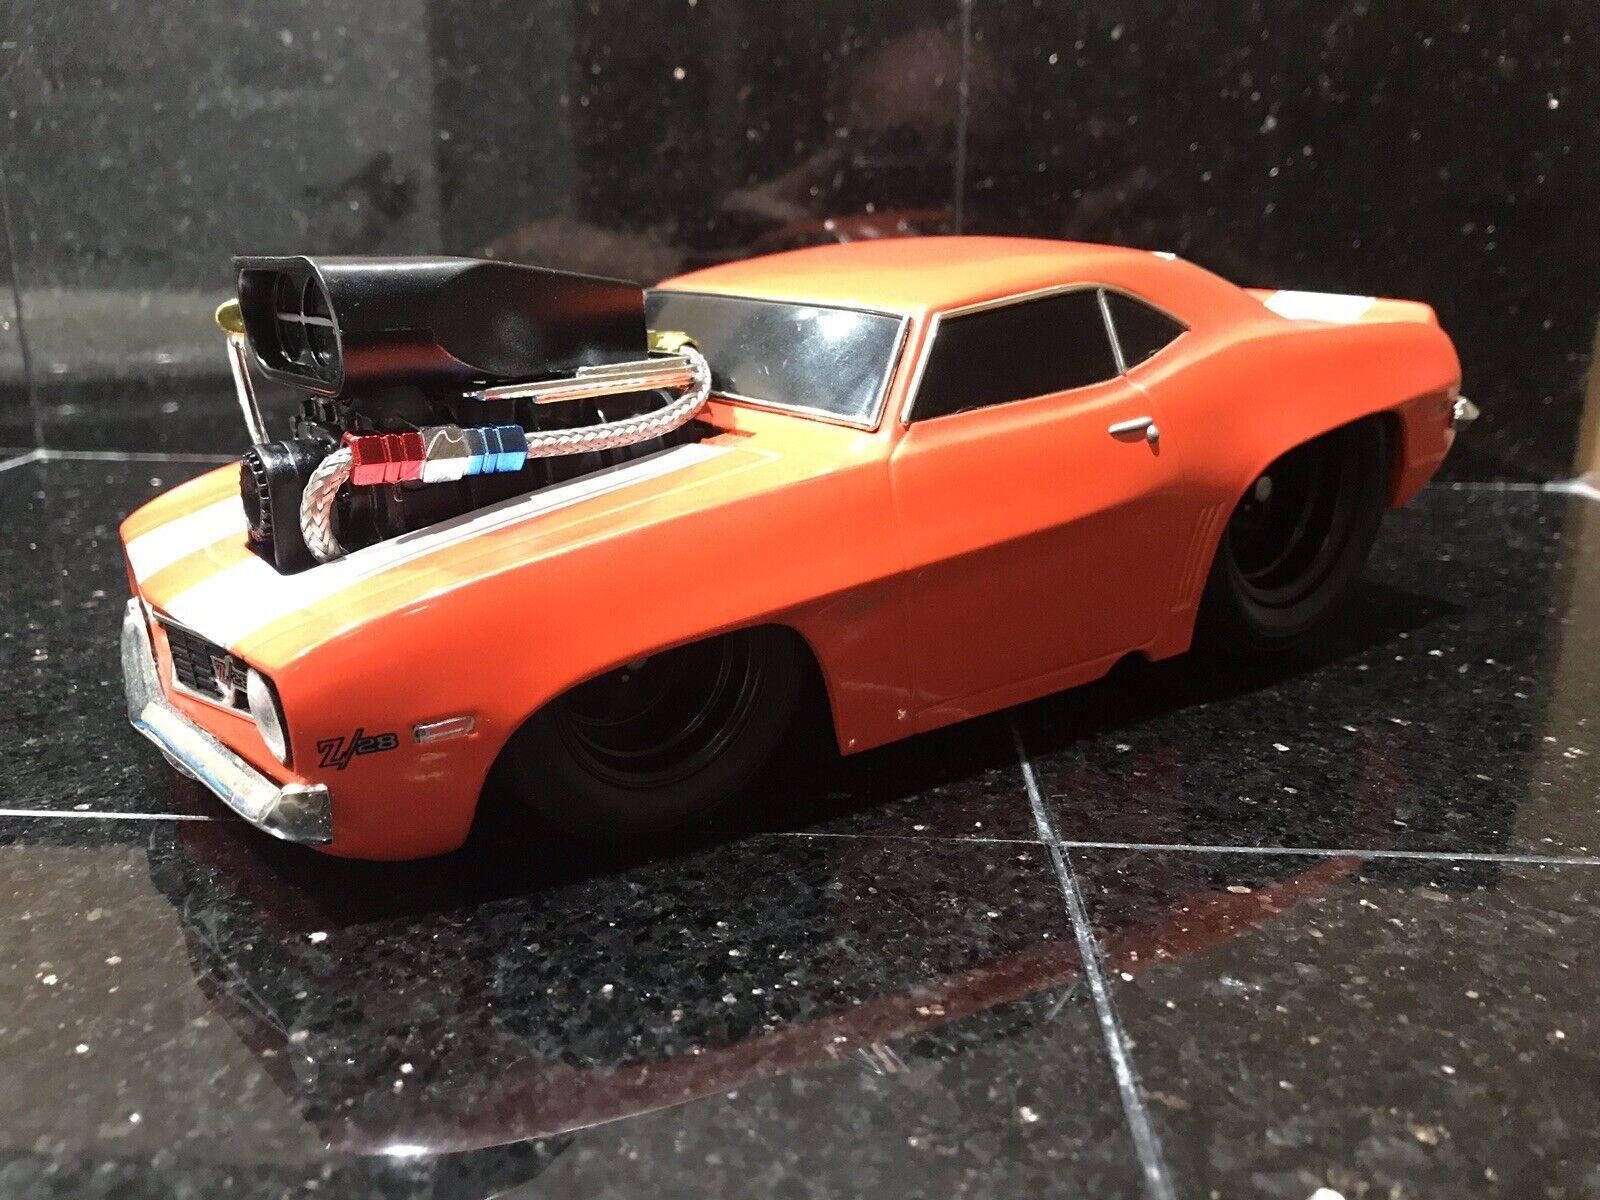 Máquinas musculares 1969 Camaro z   28 1  18, naranja personalizada, negro para rojoucir la resistencia a los vientos.